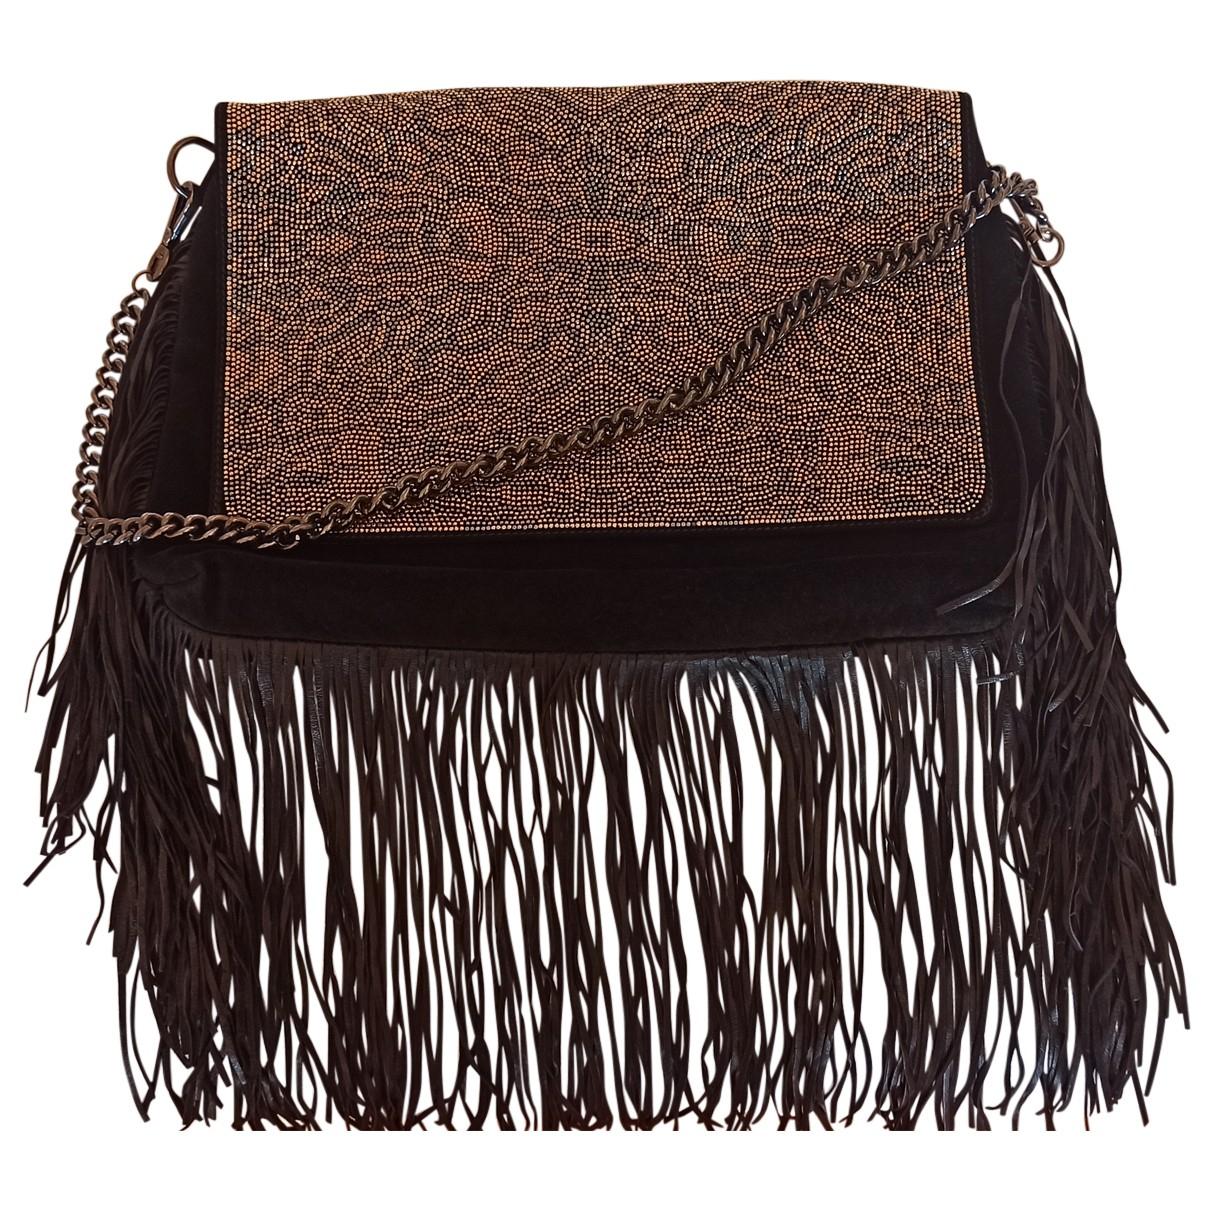 Just Cavalli N Black Suede handbag for Women N